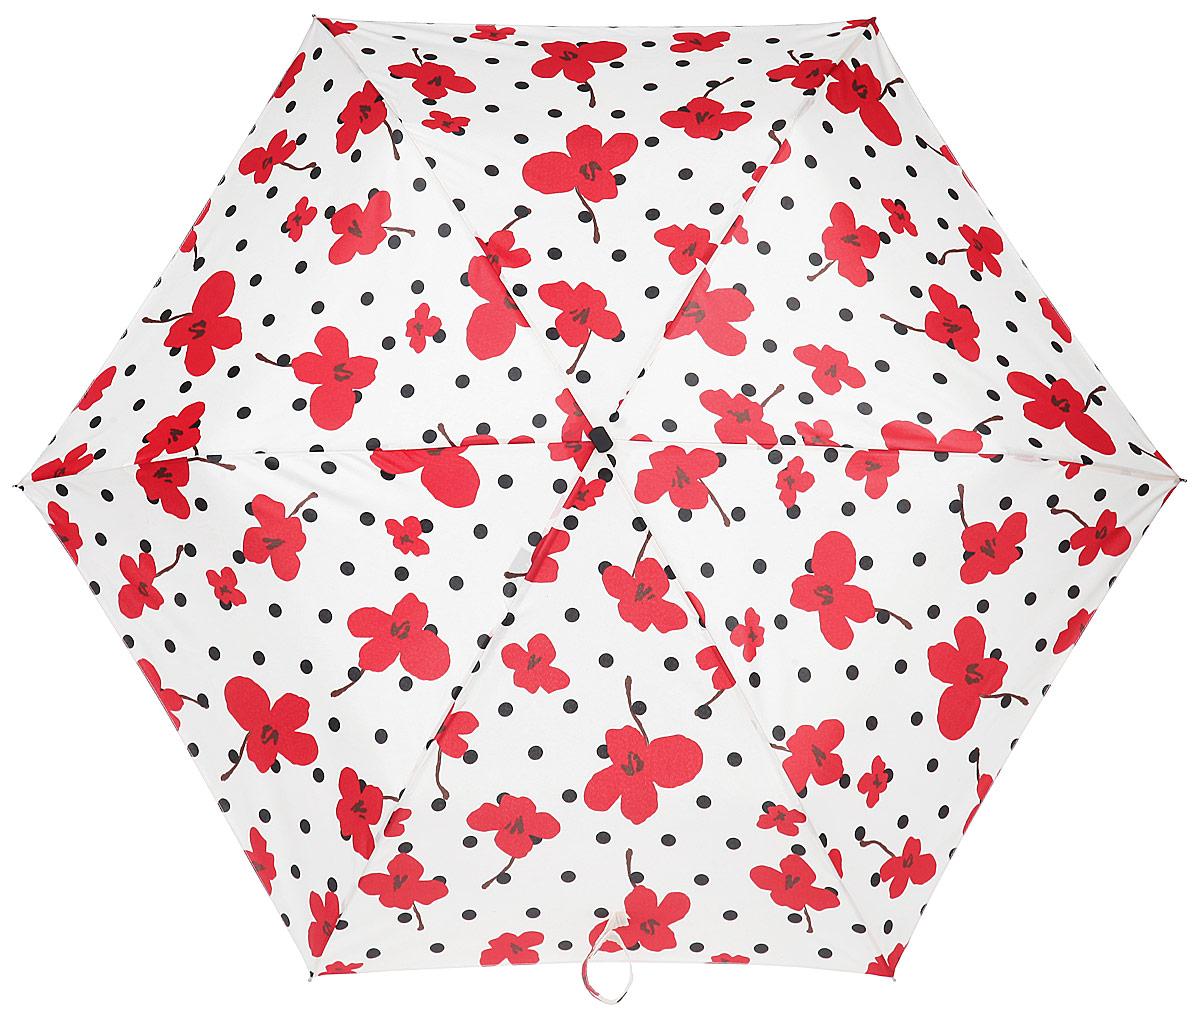 Зонт женский Labbra, автомат, 3 сложения, цвет: красный, белый, черный. A3-05-LF027A3-05-LF027Яркий зонт Labbra оформлен принтом с изображением цветов. Каркас зонта изготовлен из стали, алюминия и фибергласса, содержит шесть спиц, а также дополнен эргономичной рукояткой из пластика. Купол выполнен из полиэстера с водоотталкивающей пропиткой. Зонт имеет автоматический механизм сложения: купол открывается и закрывается нажатием кнопки на рукоятке, стержень складывается вручную до характерного щелчка, благодаря чему открыть и закрыть зонт можно одной рукой, что чрезвычайно удобно при входе в транспорт или помещение. Рукоятка дополнена удобной петлей. К зонту прилагается чехол. Практичный аксессуар даже в ненастную погоду позволит вам оставаться стильной и элегантной.